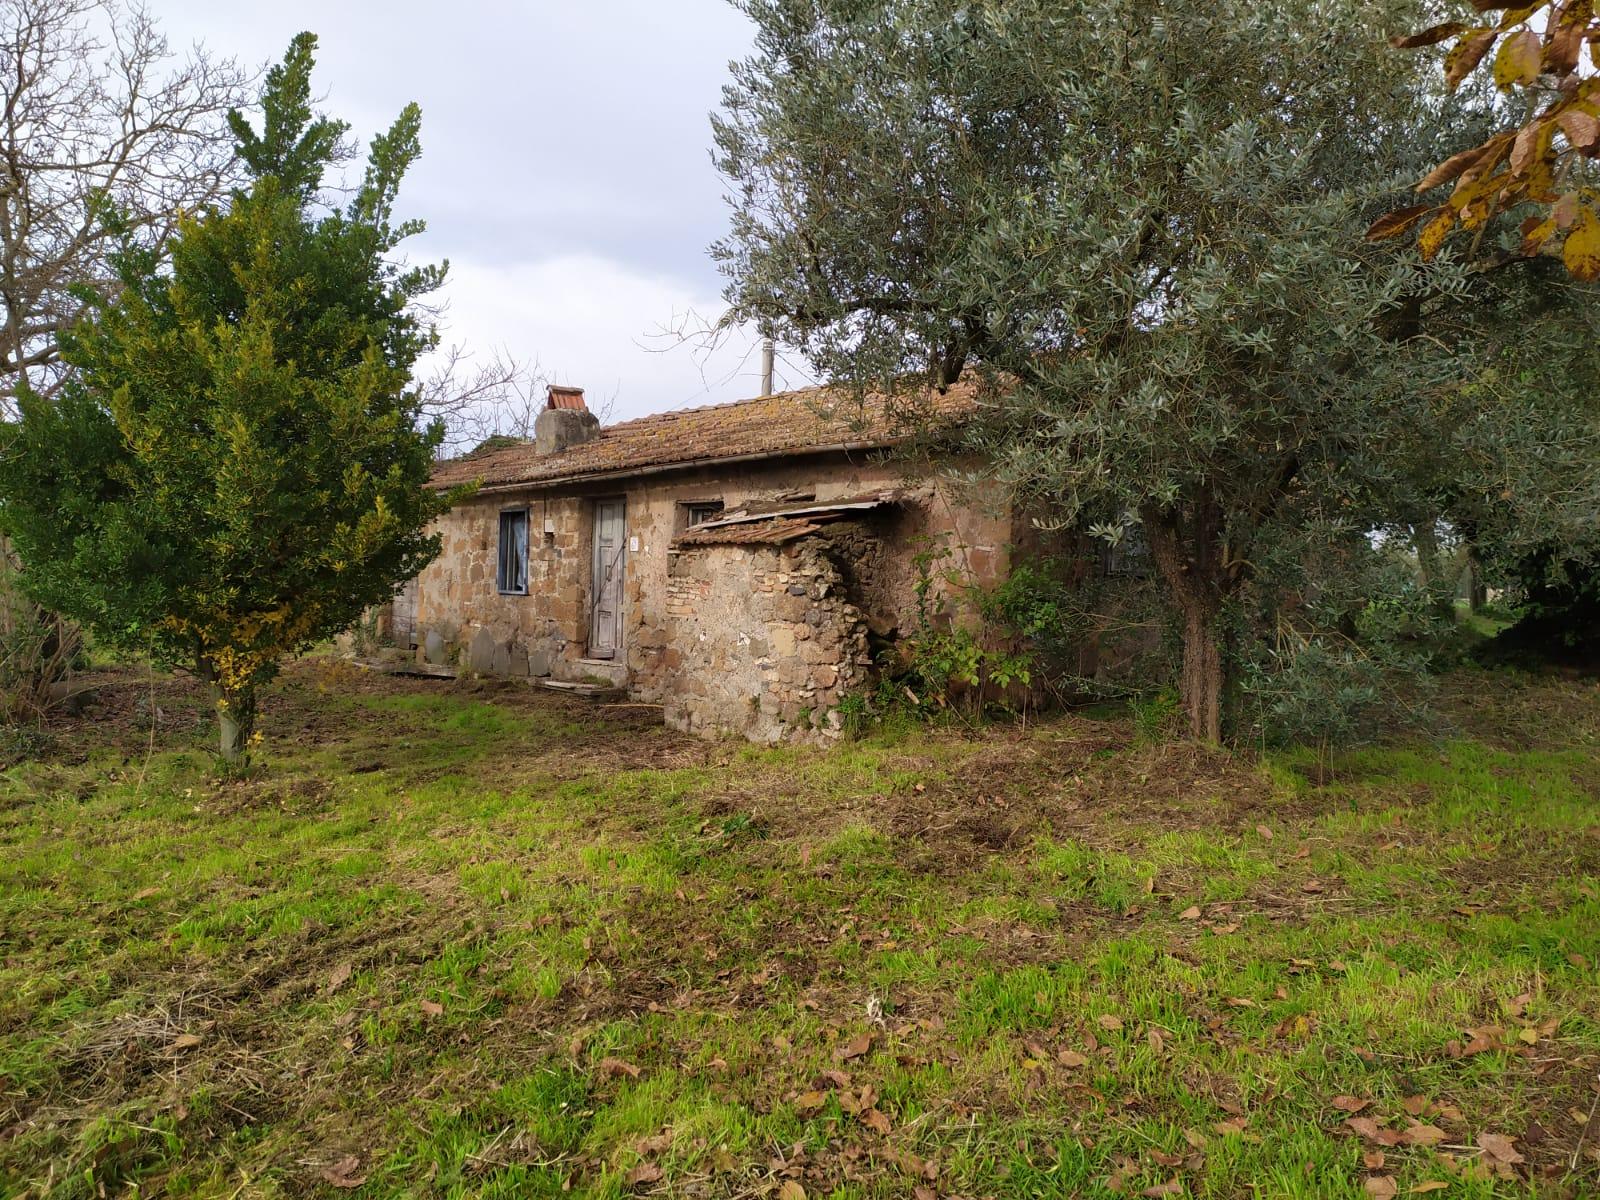 https://www.progettocasa1.it/immagini_immobili/04-01-2021/soluzione-indipendente--valmontone-roma-colle-san-giovanni-67-659.jpg